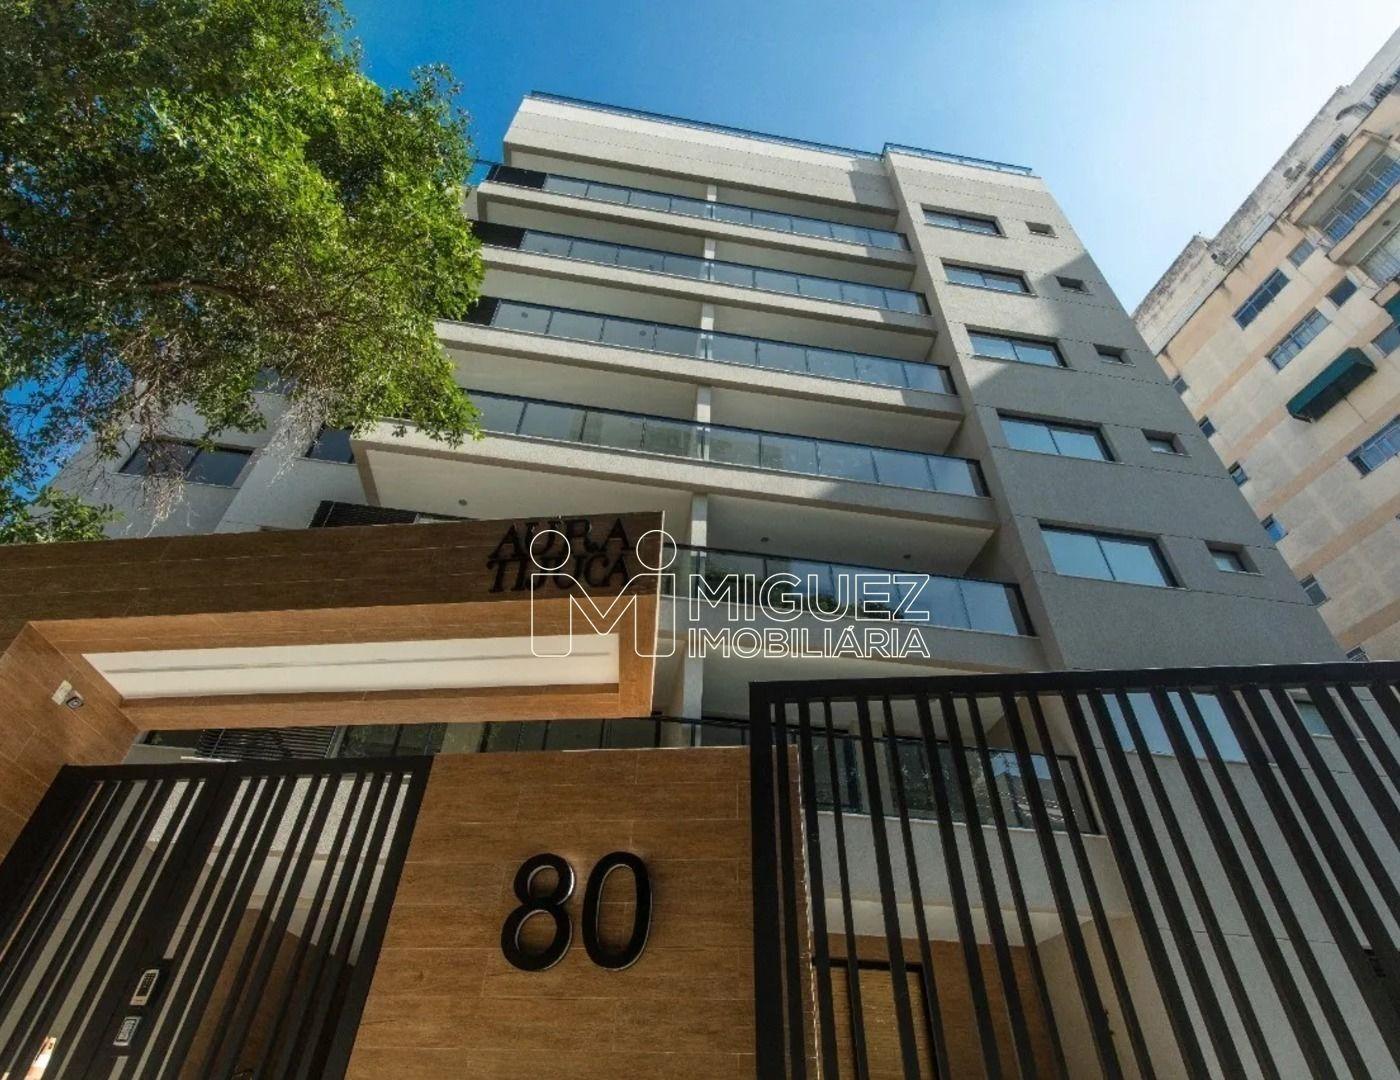 Black Friday - Miguez Imobiliária